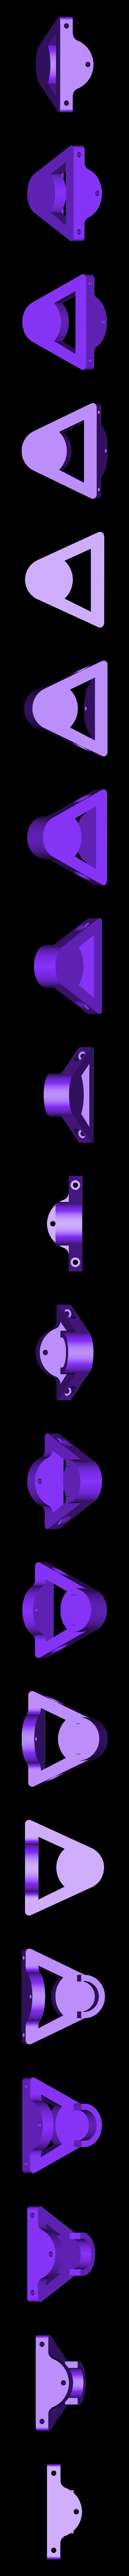 Spool Holder Wall.stl Download free STL file Spool Holder Mount • 3D printer design, DimensionArg